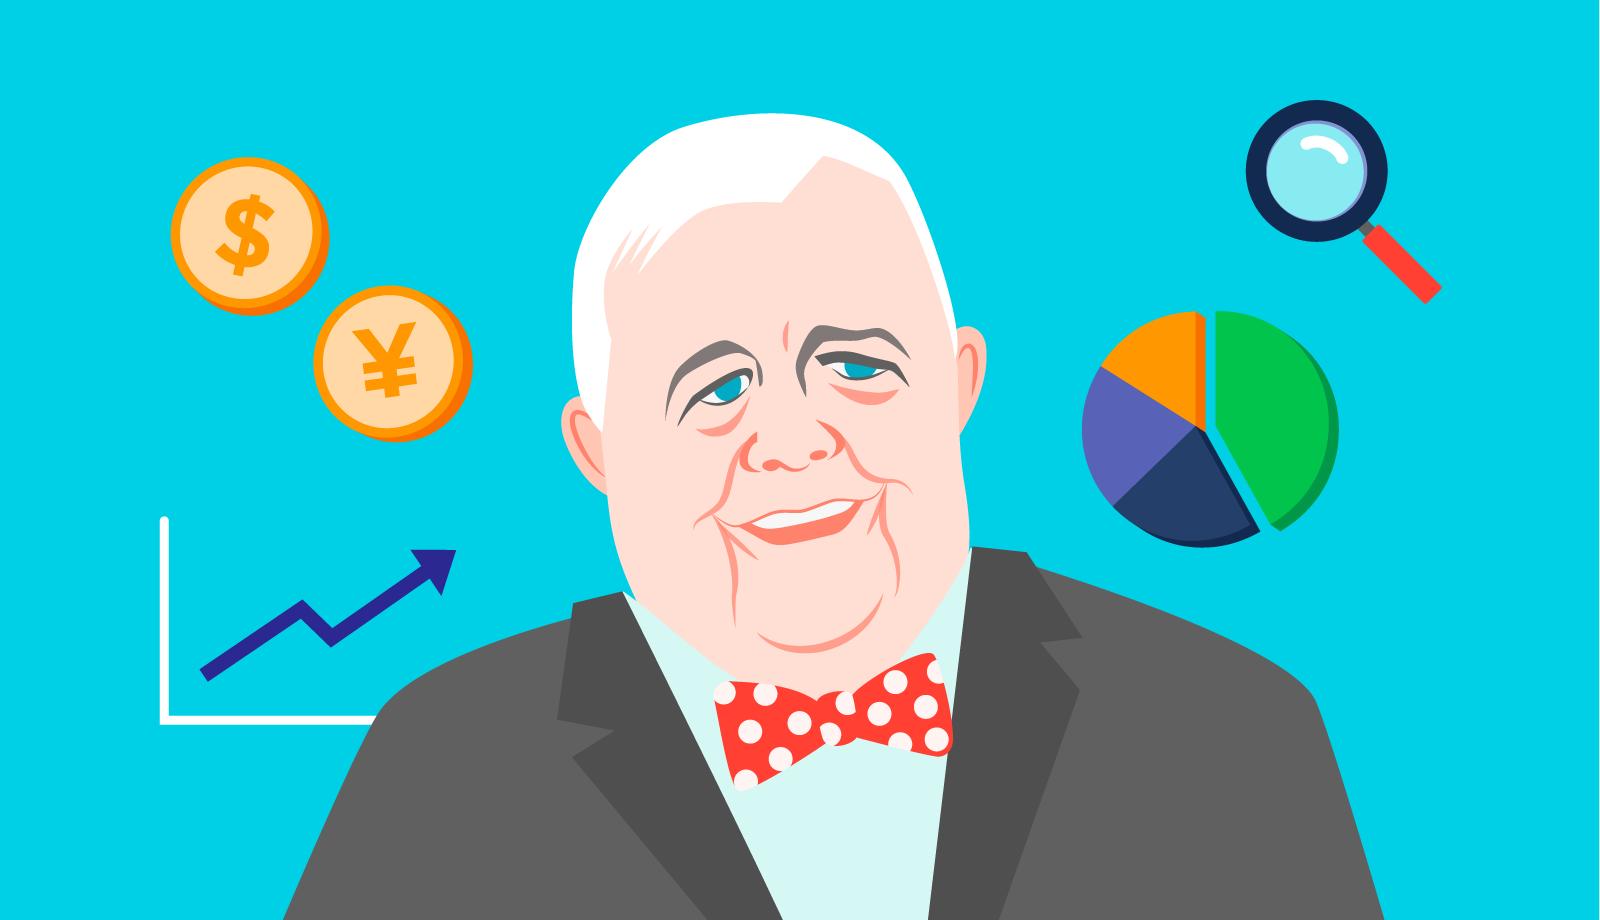 世界を代表する投資家ジム・ロジャーズ氏に習う、投資するなら知っておきたいお金の哲学